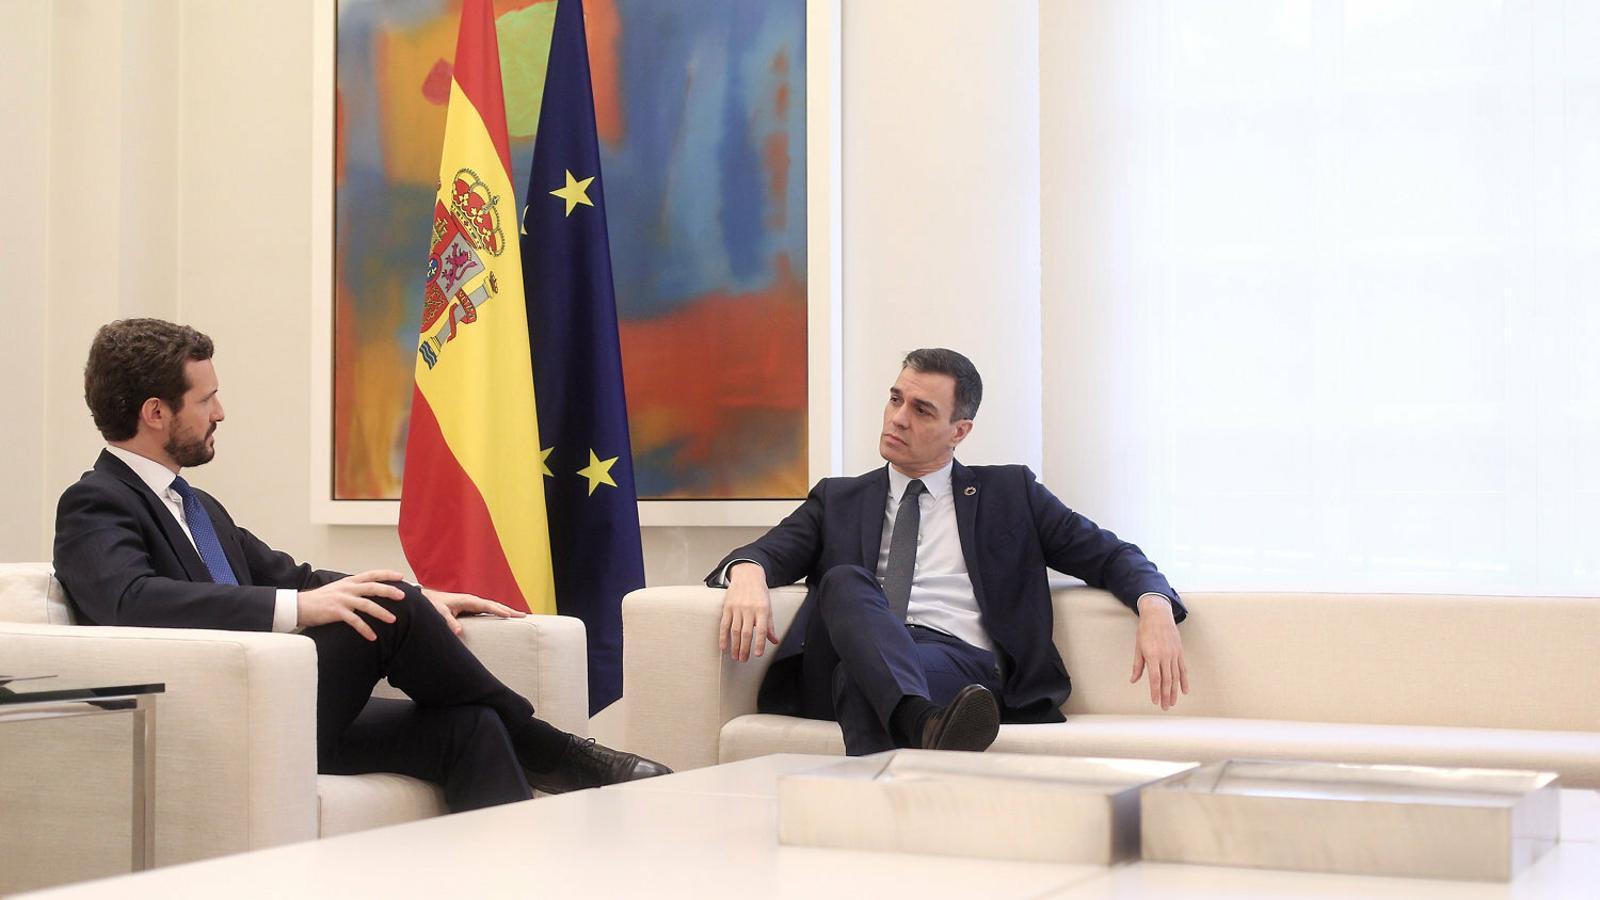 El president del govern espanyol, Pedro Sánchez, i el líder del PP, Pablo Casado, a la Moncloa.